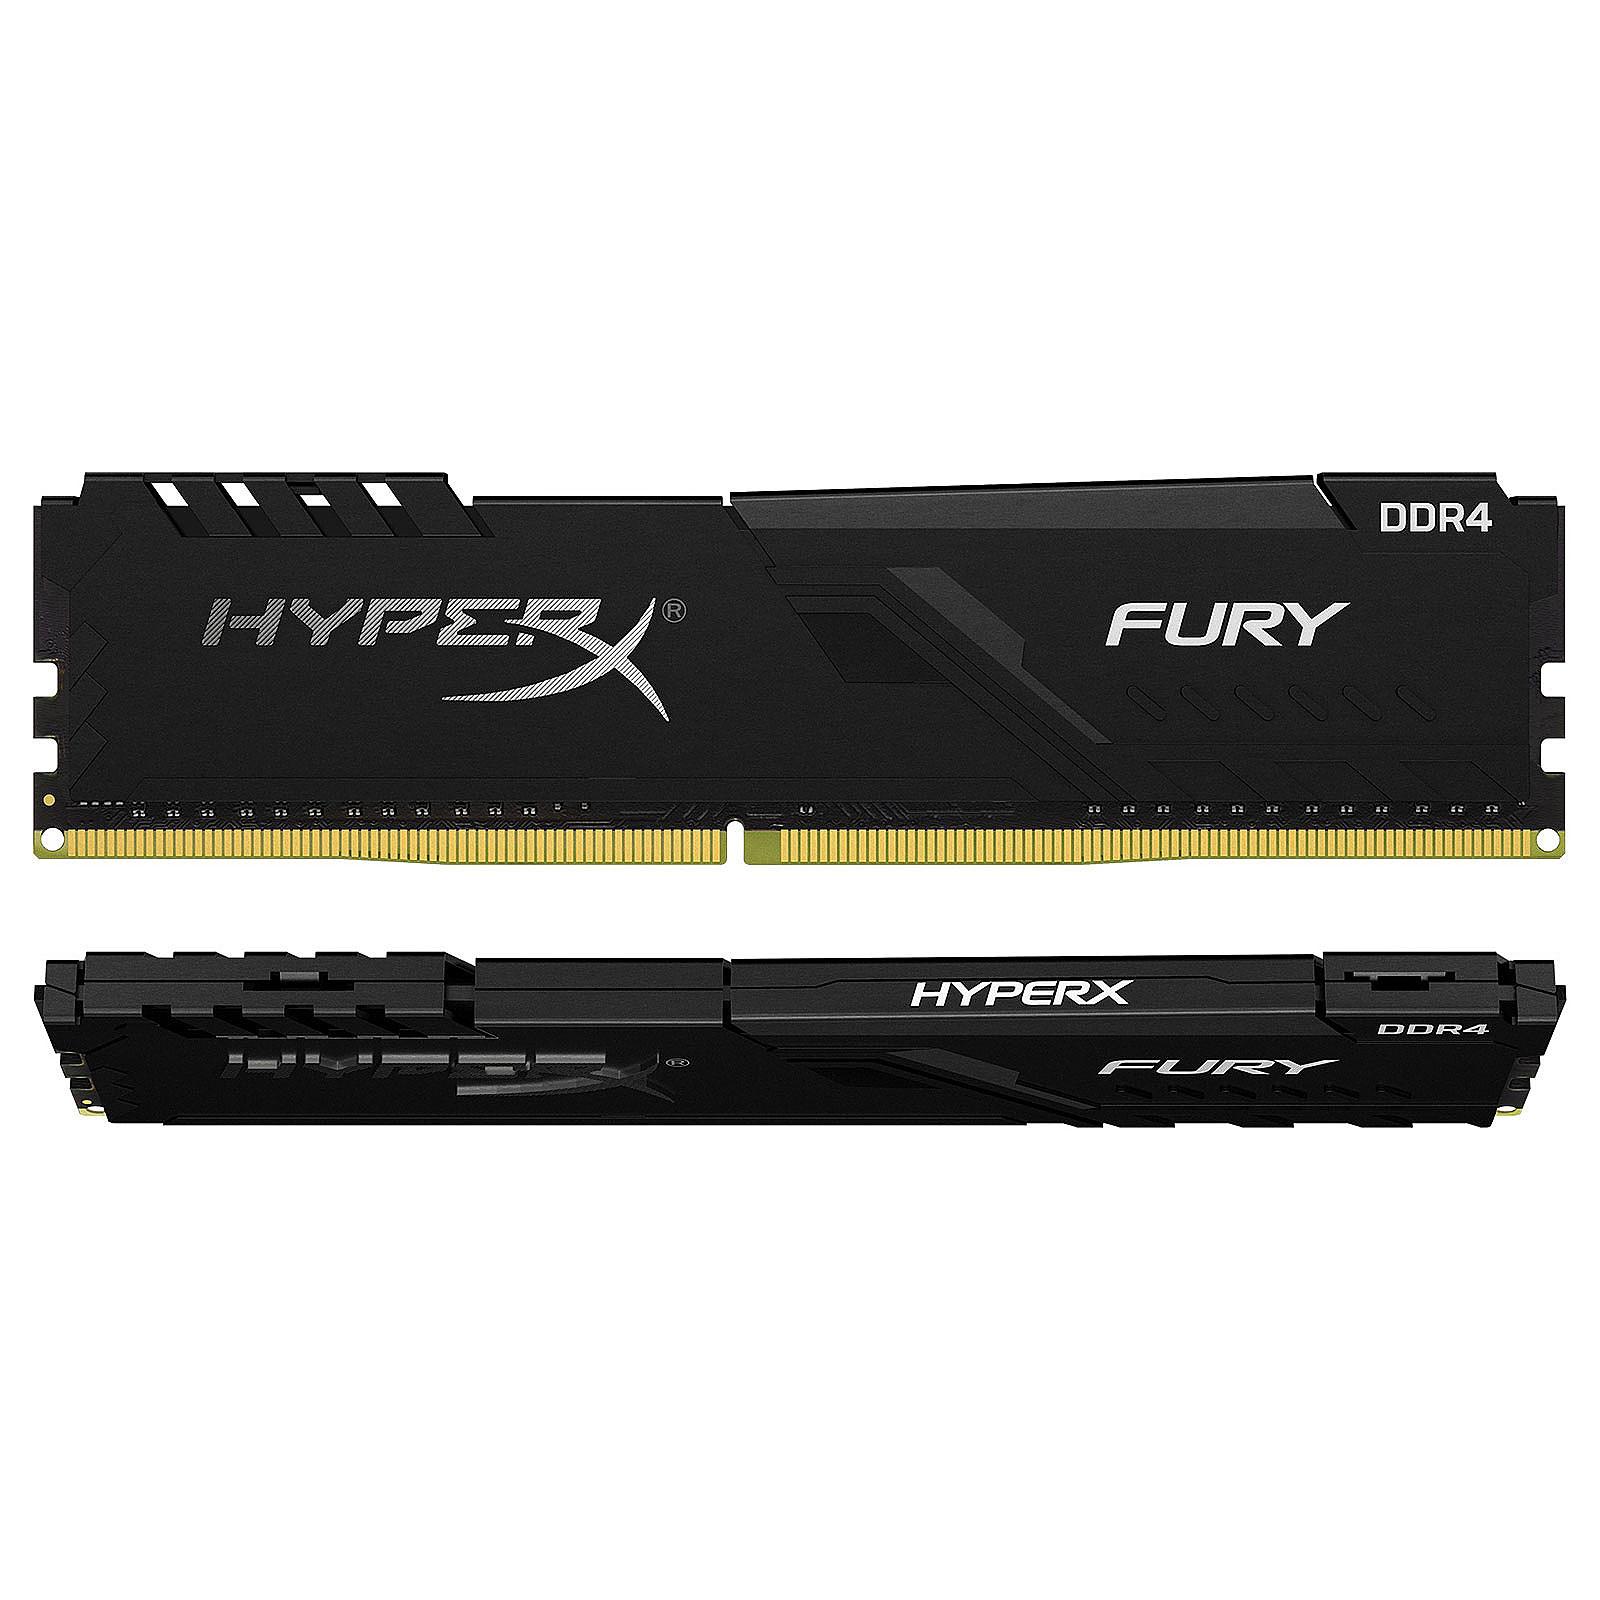 HyperX Fury 32 Go (2x 16 Go) DDR4 3733 MHz CL19